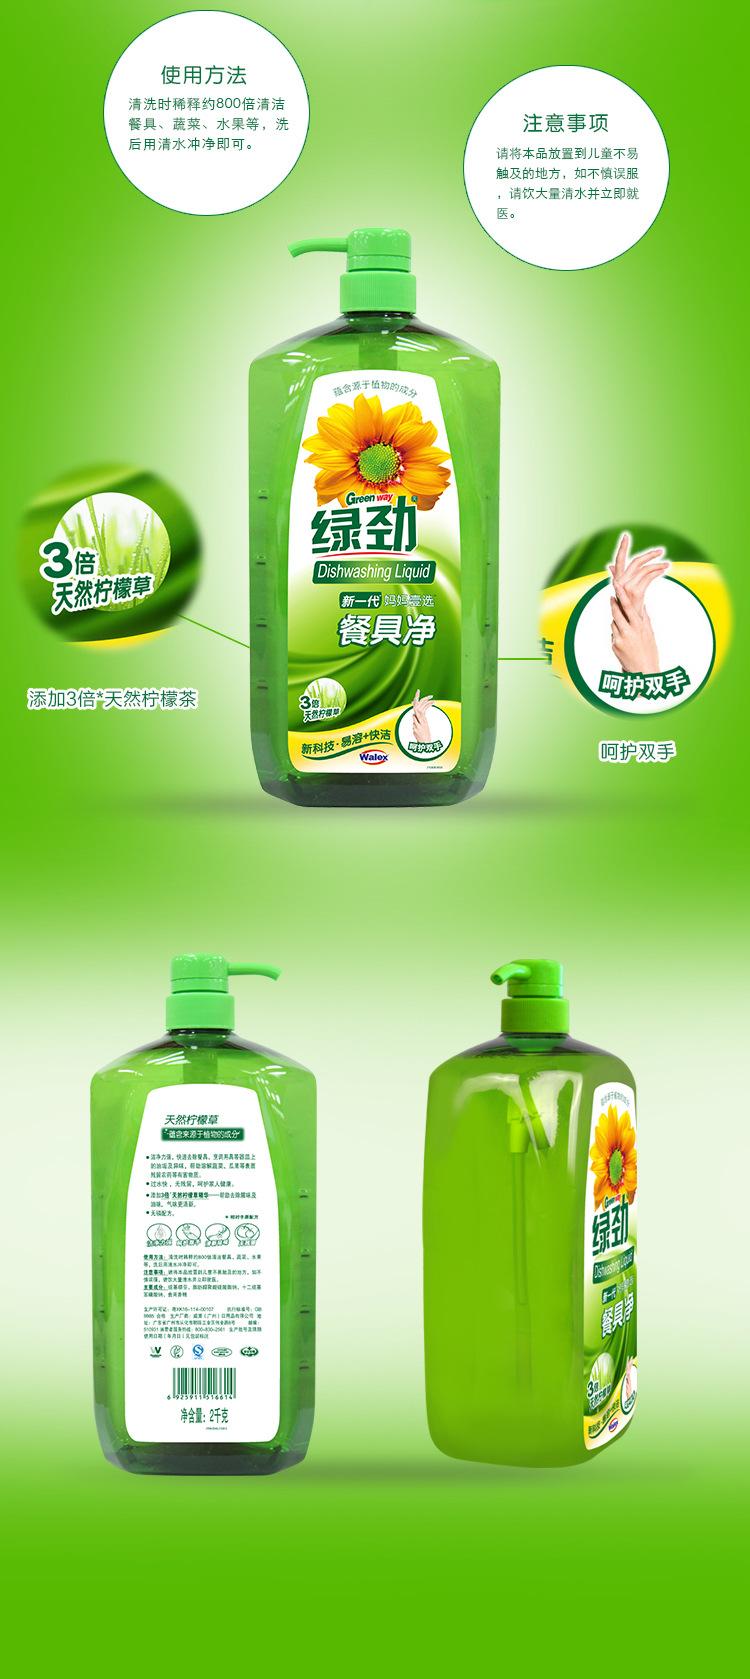 绿劲妈妈壹选餐具净-柚子柠檬2kg_04